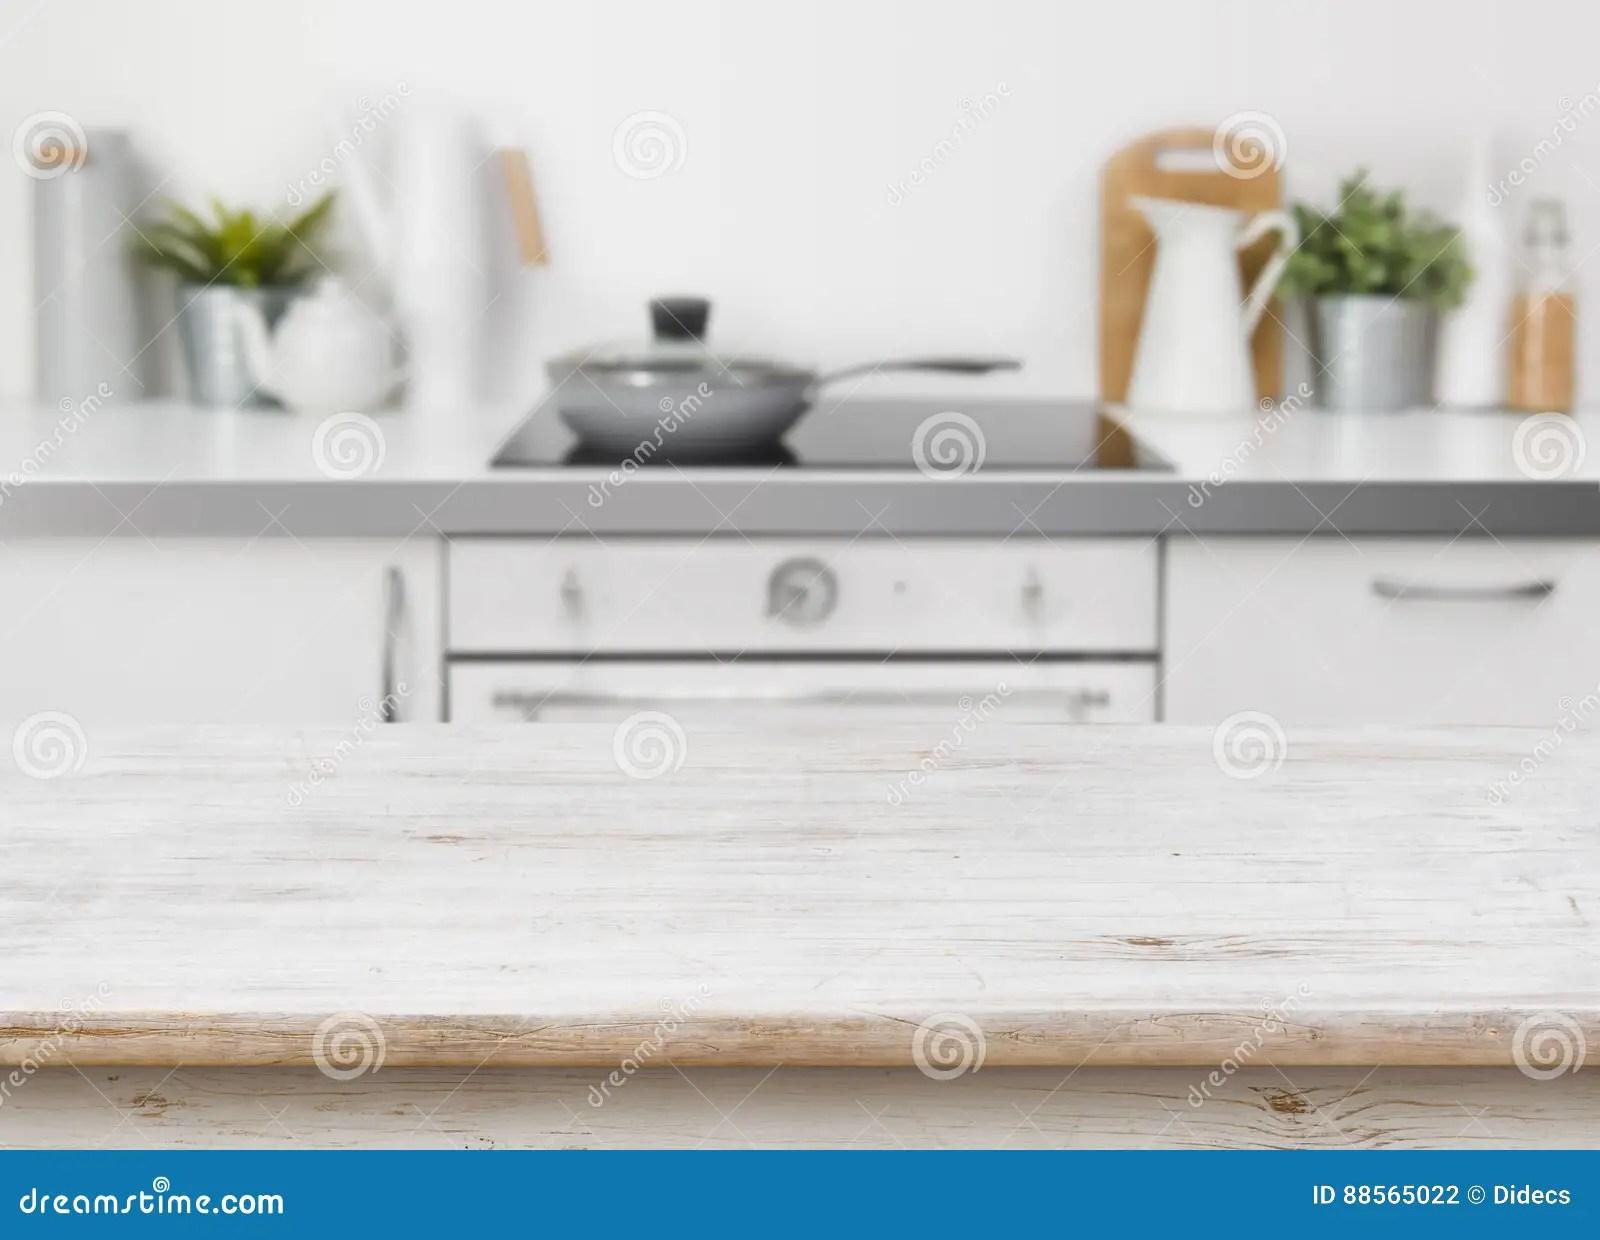 kitchen banquette aid pans 在defocused厨房长凳内部背景的被漂白的木纹理桌库存照片 图片包括有 在defocused厨房长凳内部背景的被漂白的木纹理桌